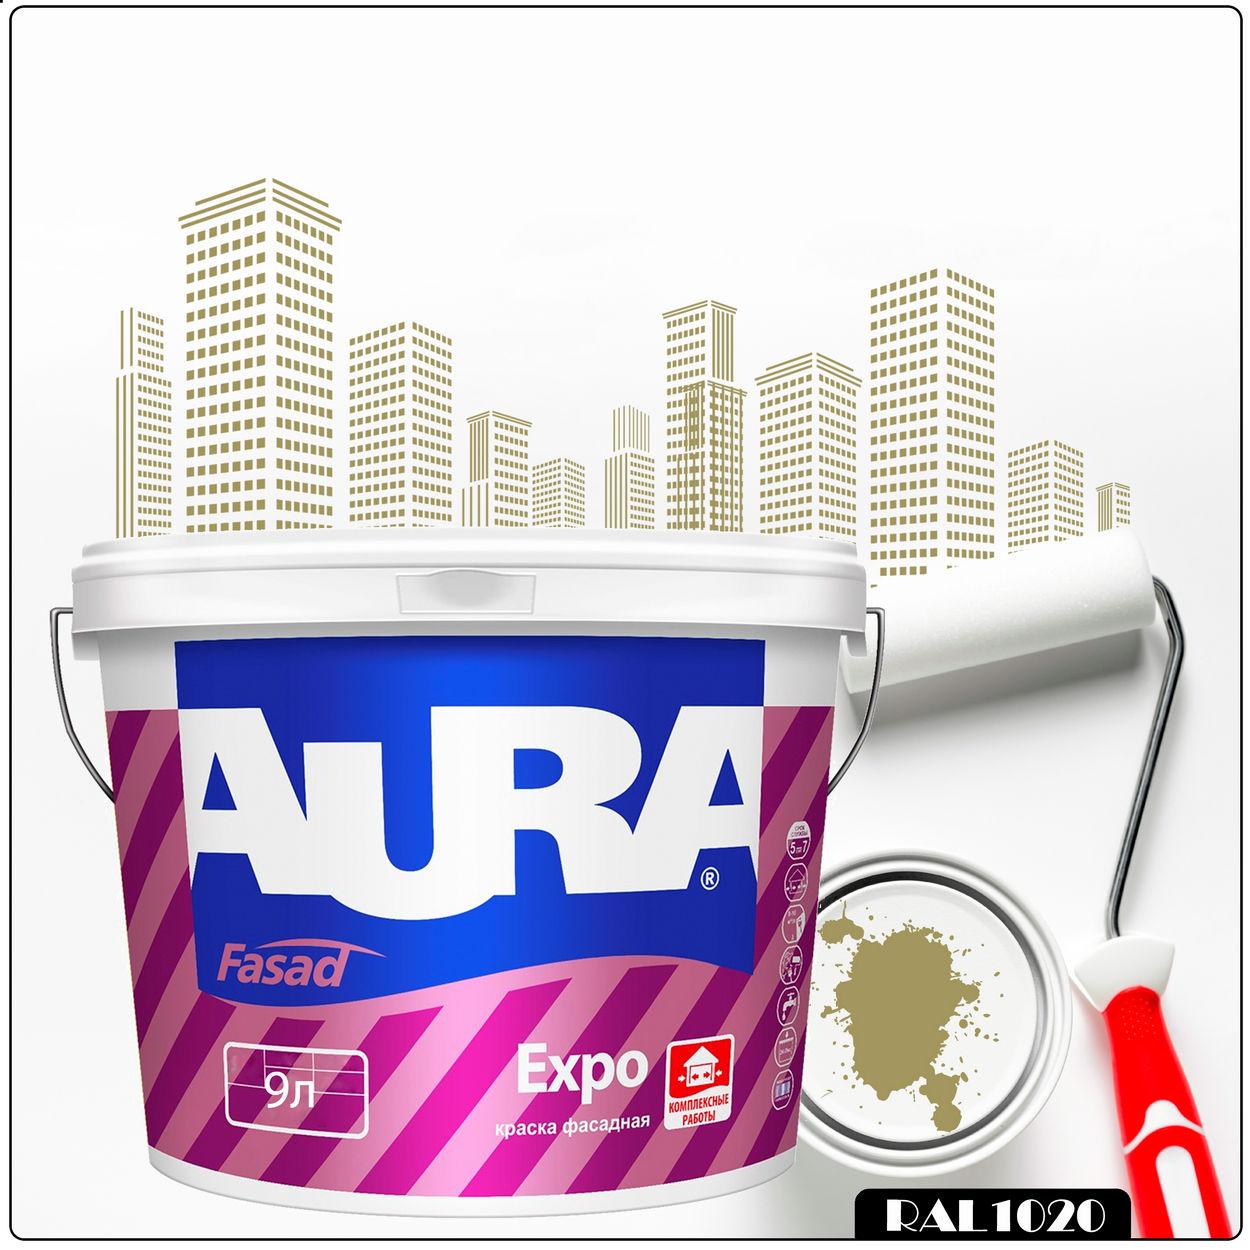 Фото 18 - Краска Aura Fasad Expo, RAL 1020 Оливково-жёлтый, матовая, для фасадов и помещений с повышенной влажностью, 9л.